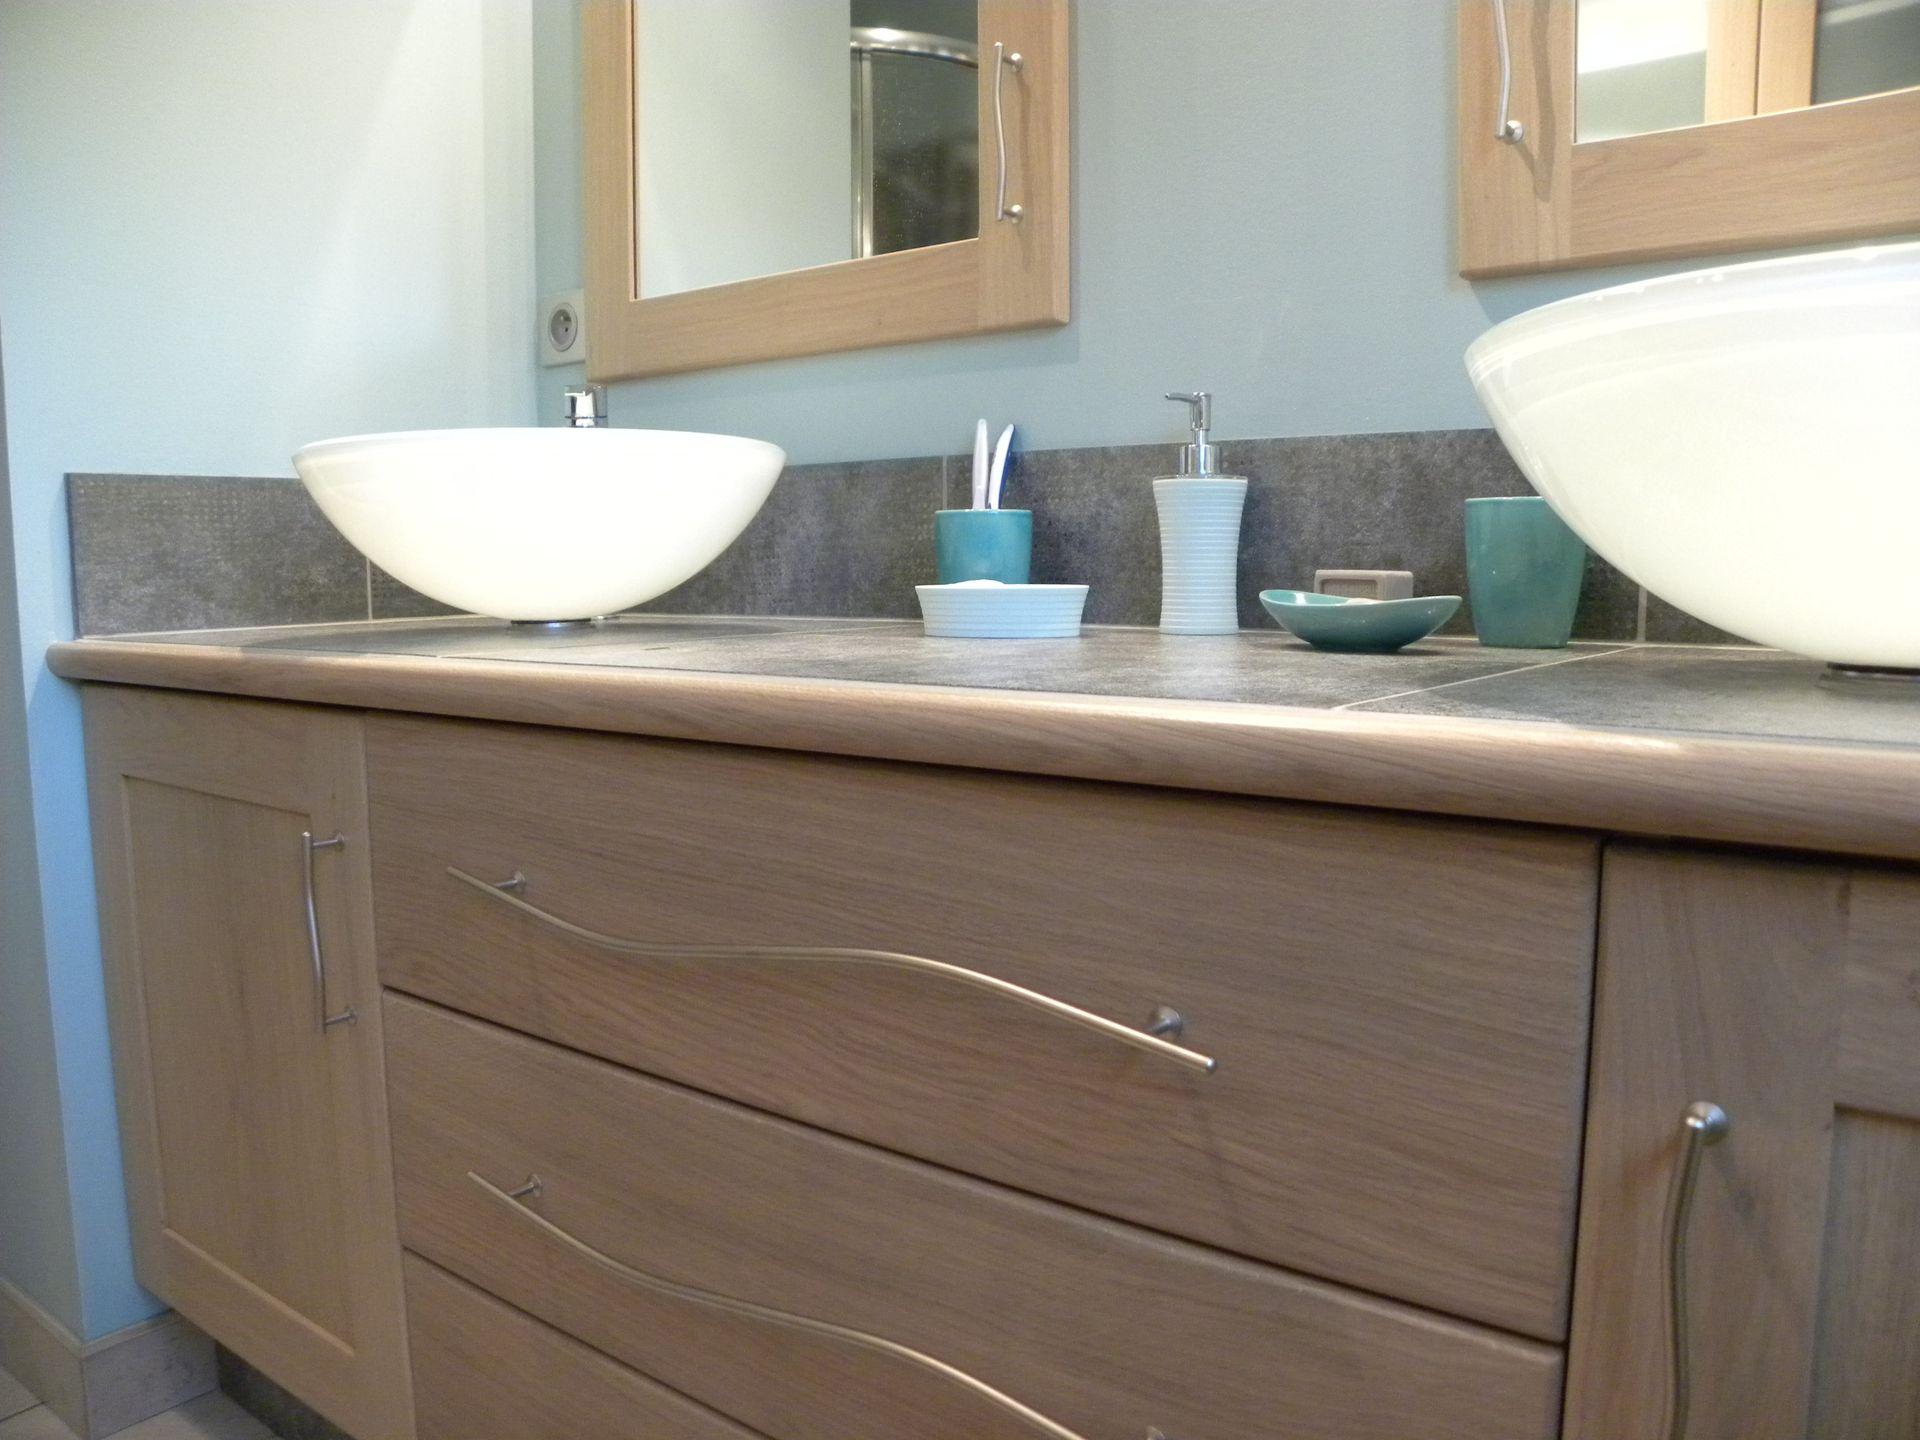 Salle de bains contemporaine bois gilles martel - Salles de bains contemporaines ...